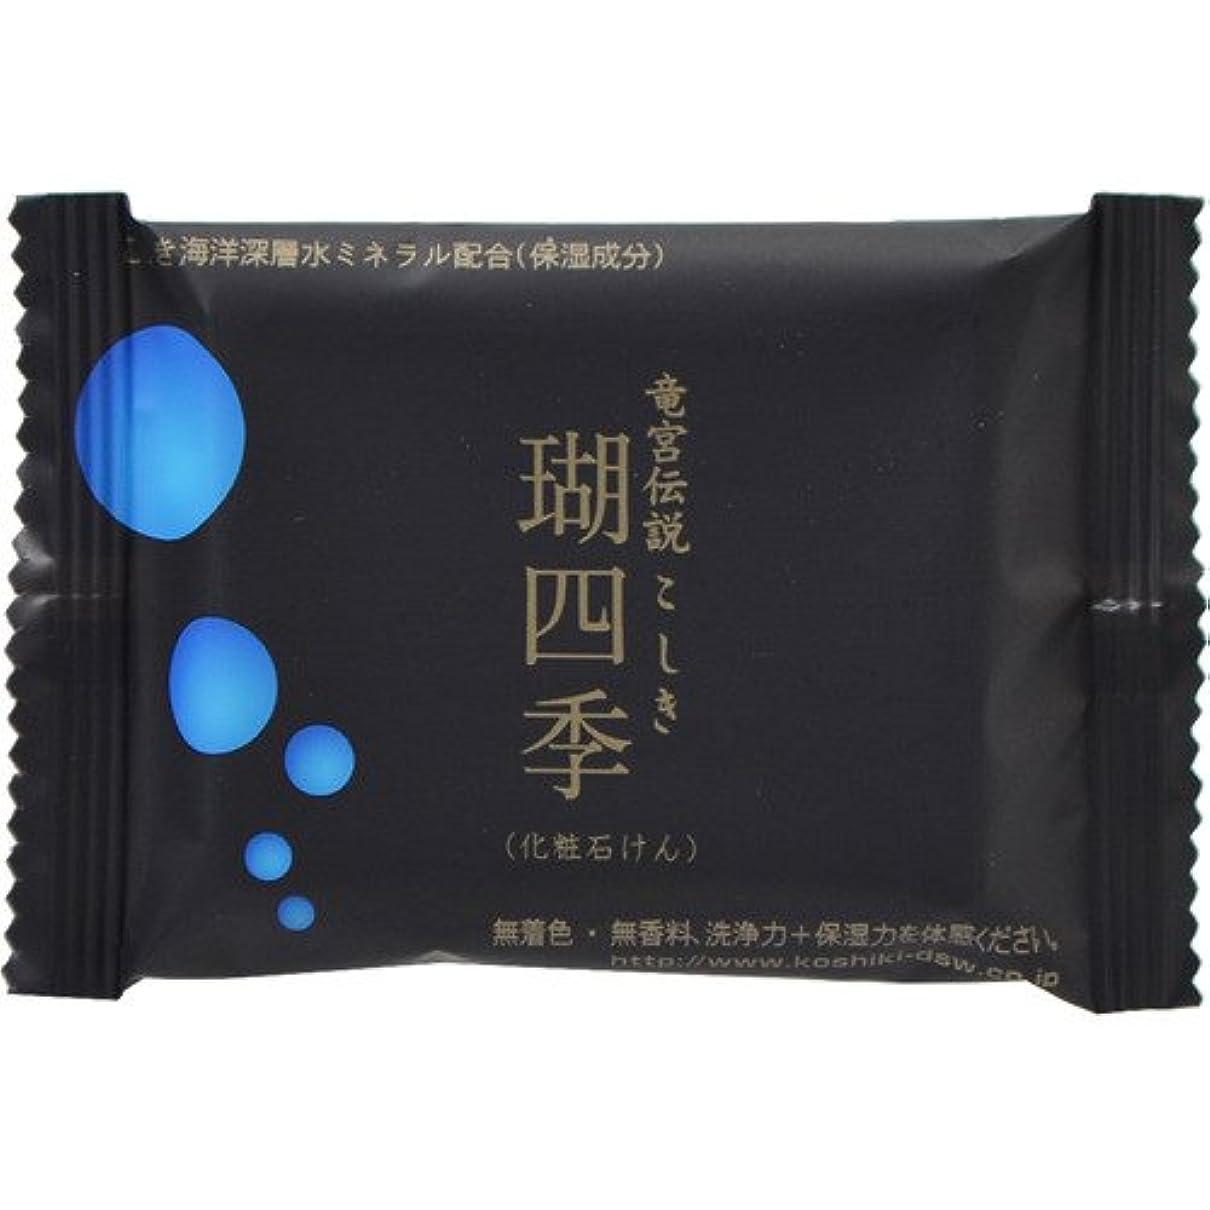 ダイエットリールダース瑚四季 化粧石鹸 30g